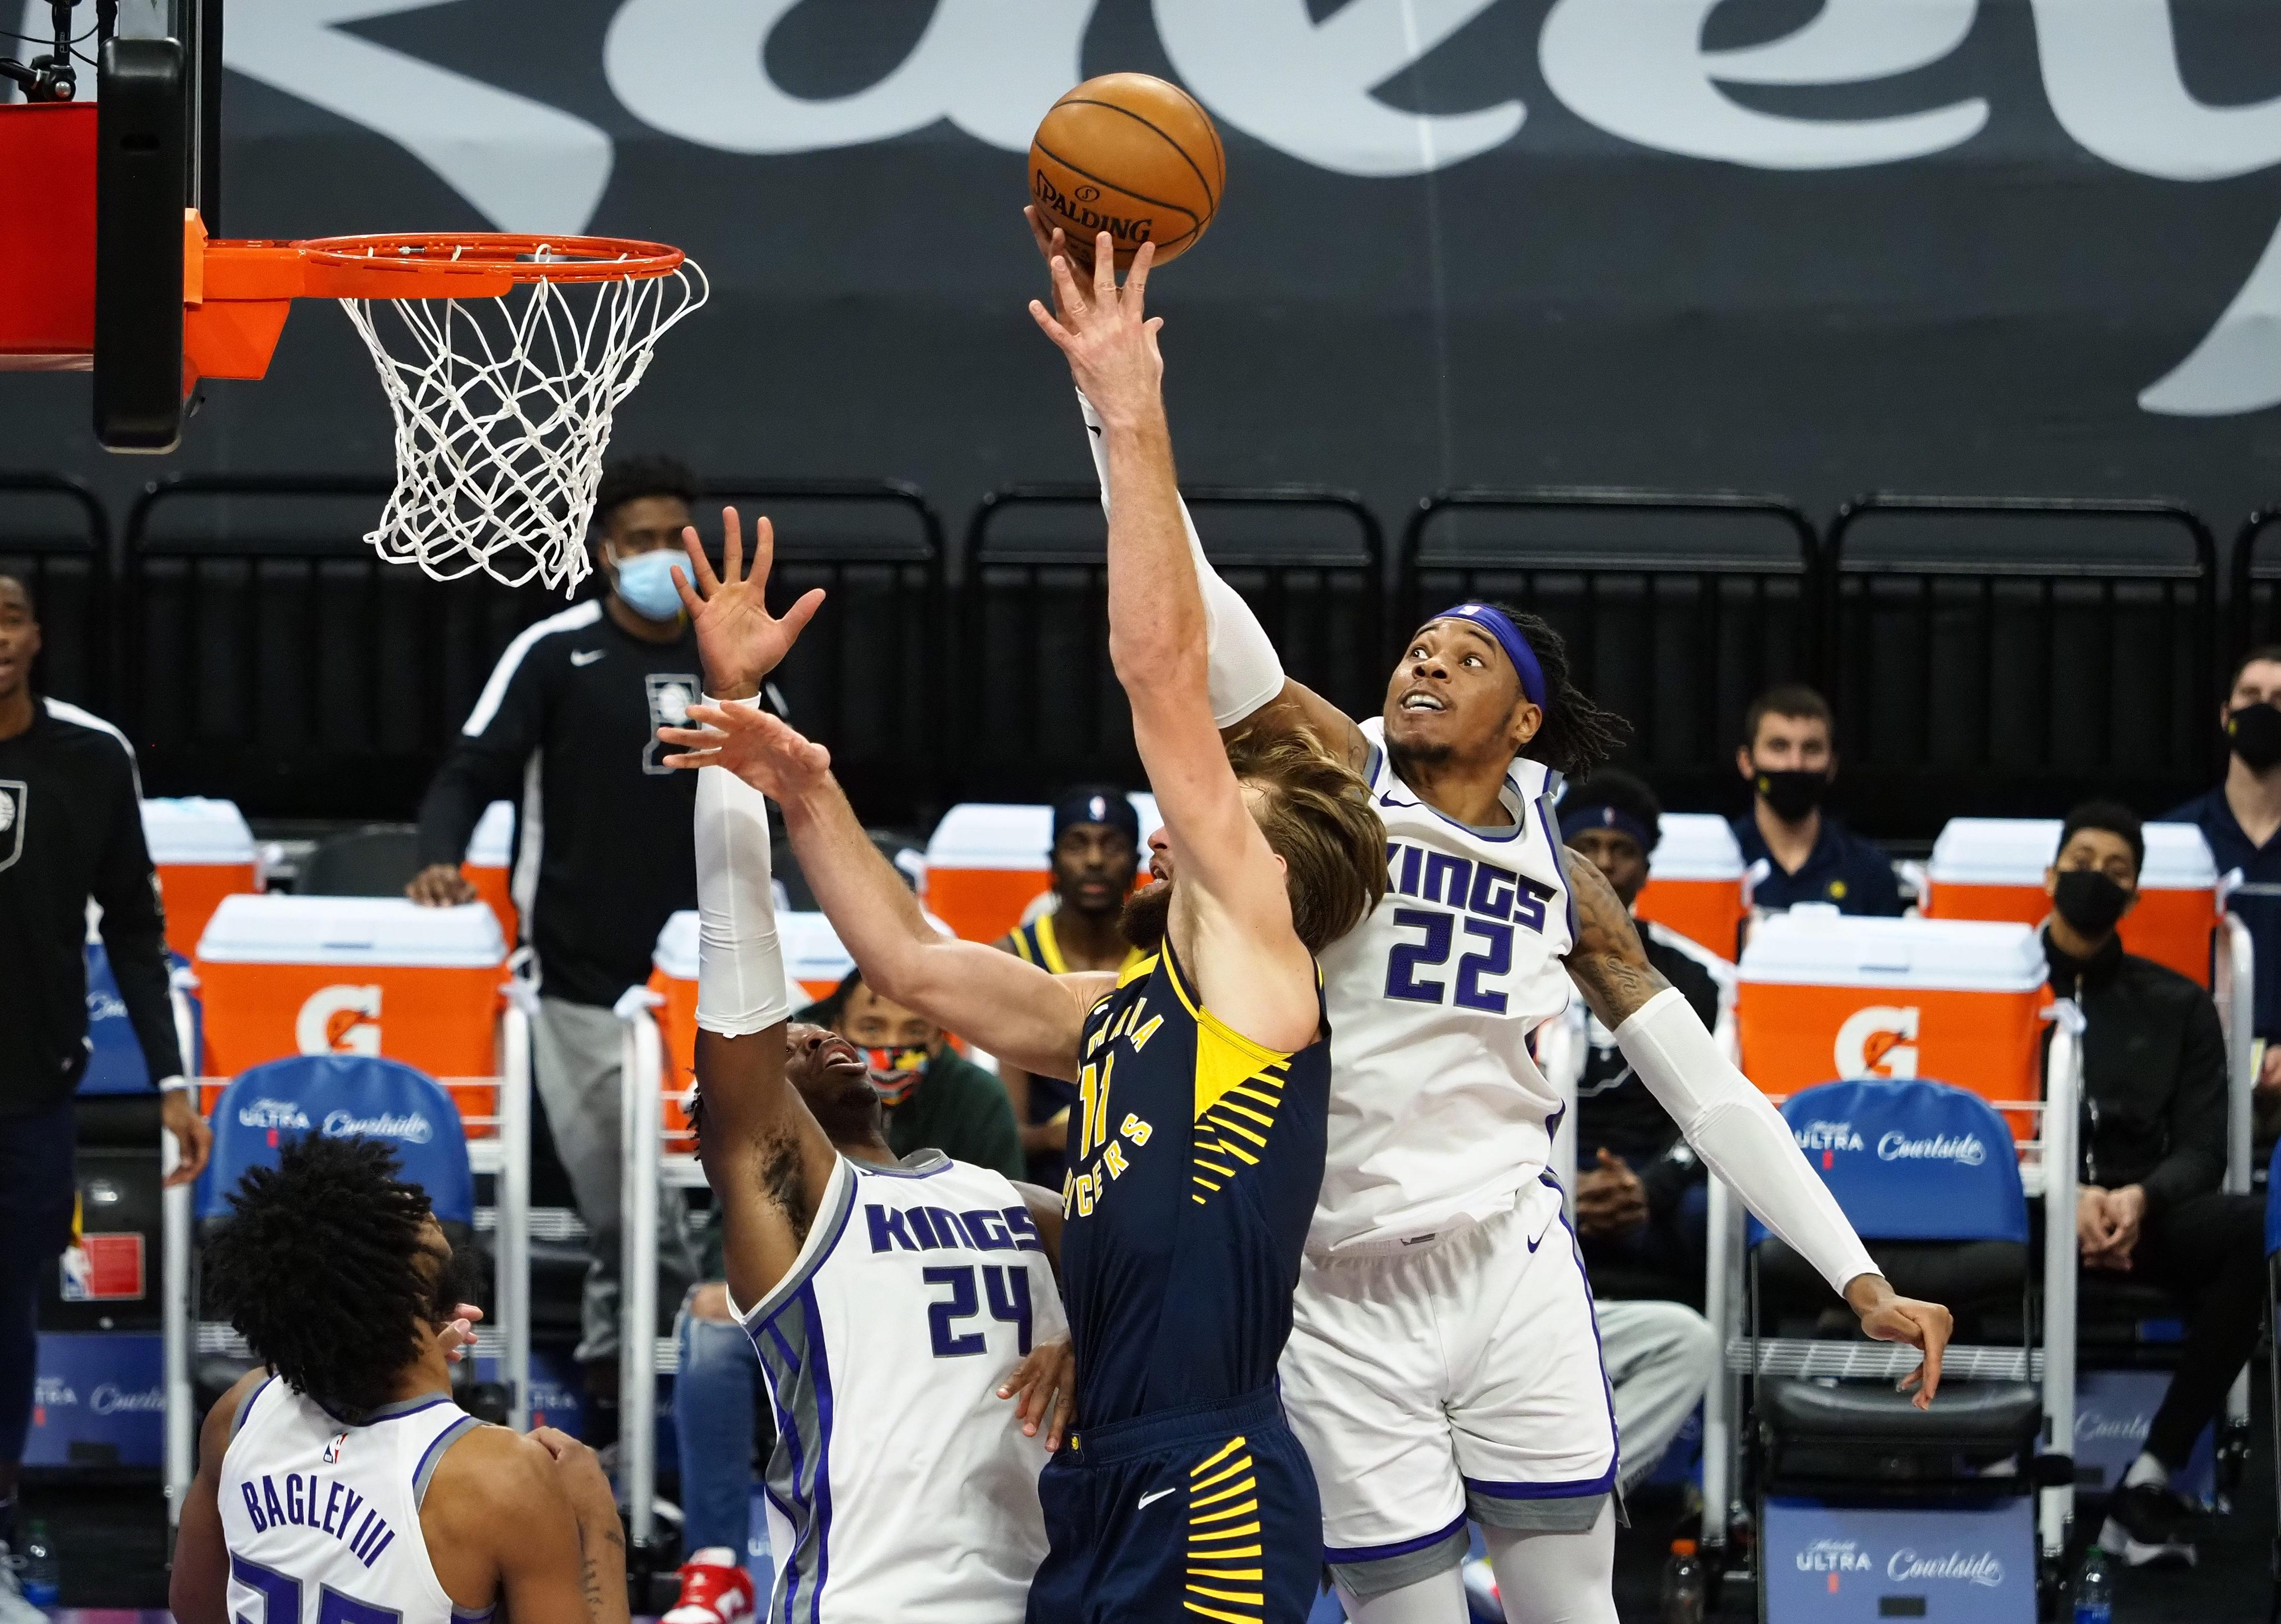 NBA: Indiana Pacers at Sacramento Kings